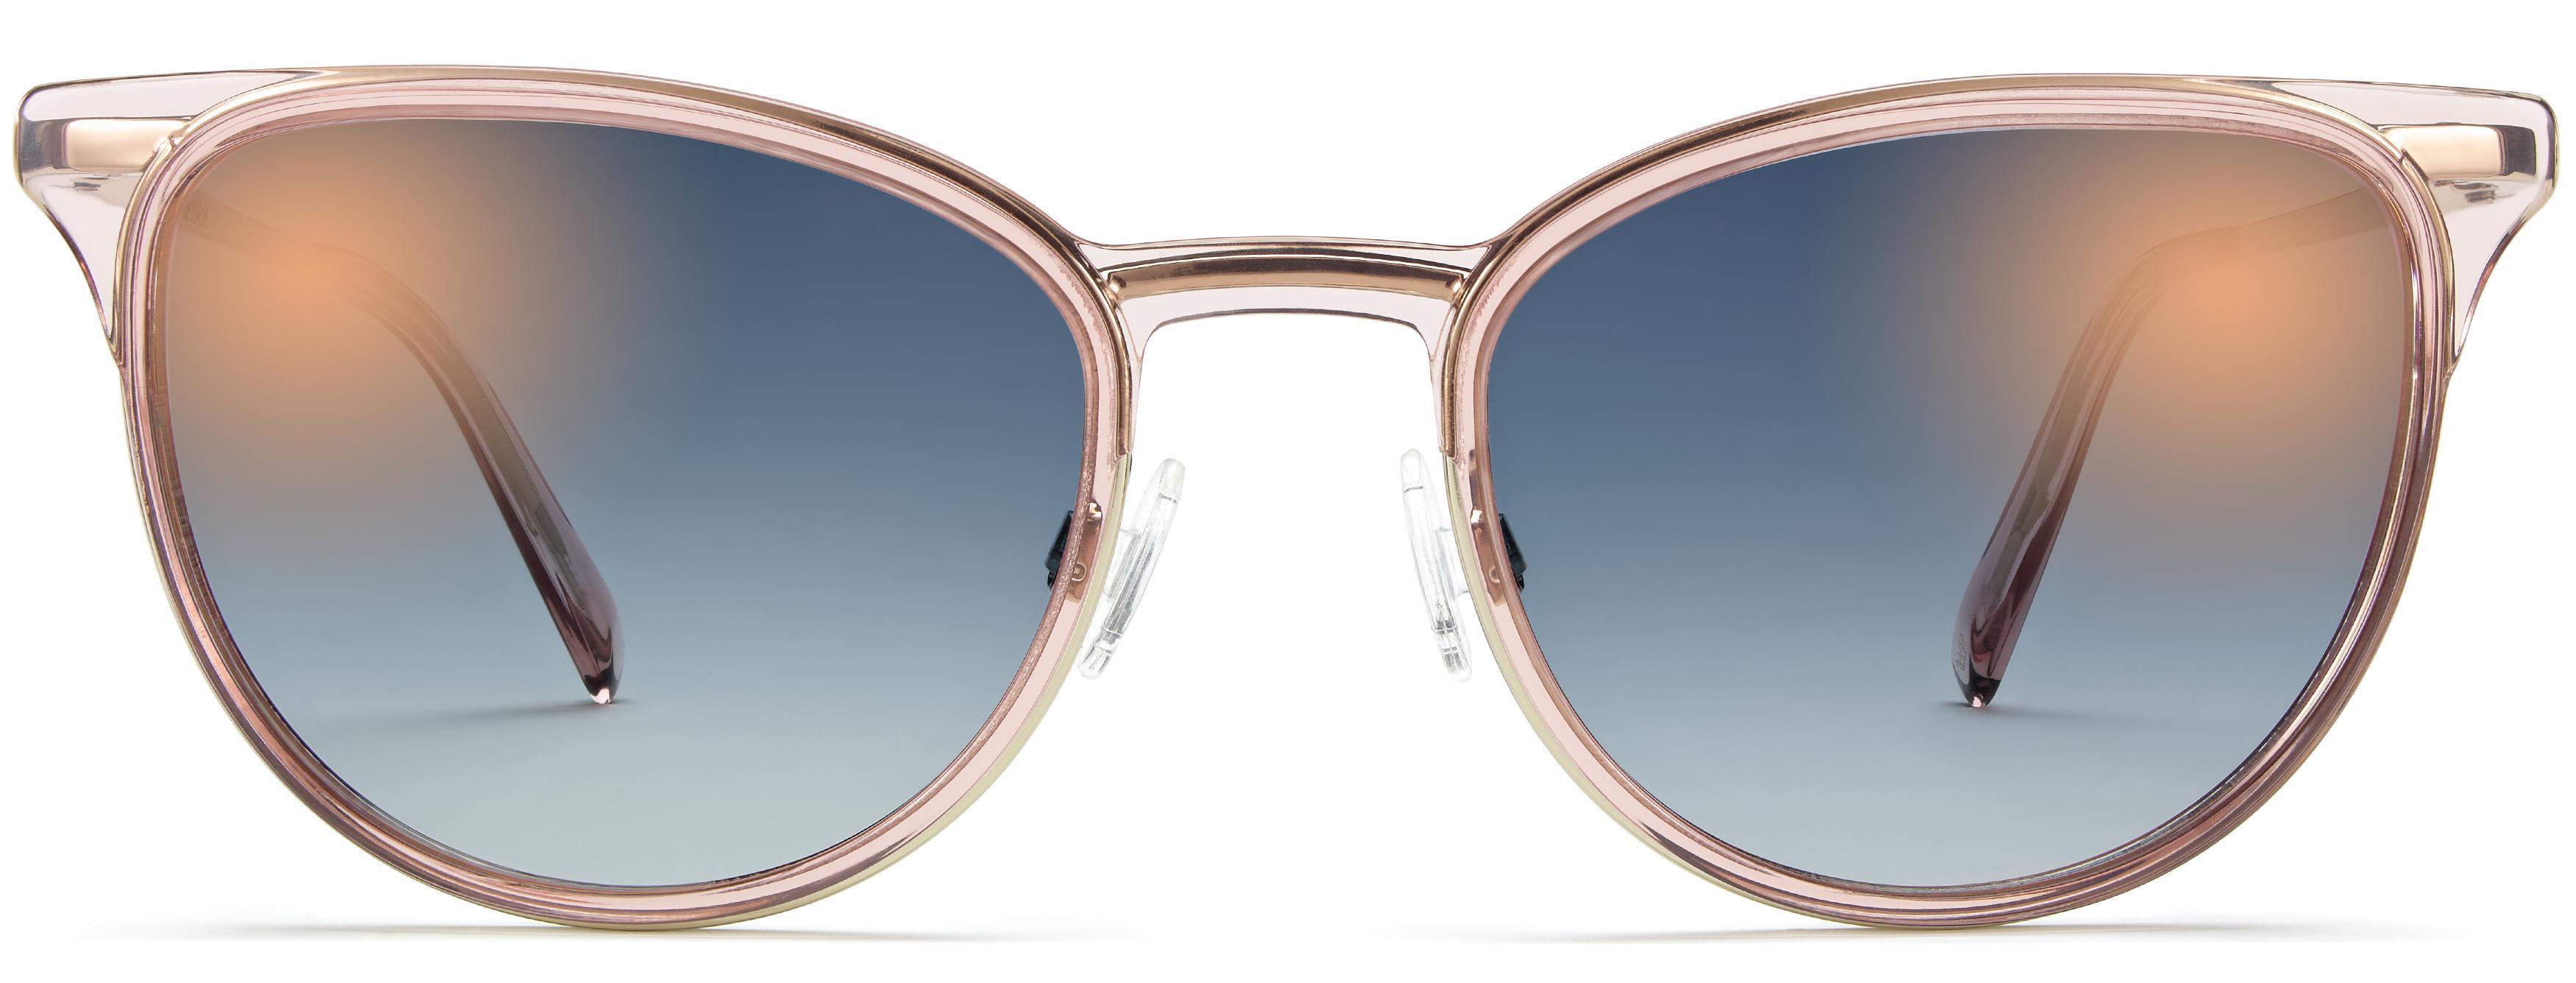 c12a19c9b969 Women's Sunglasses | Warby Parker